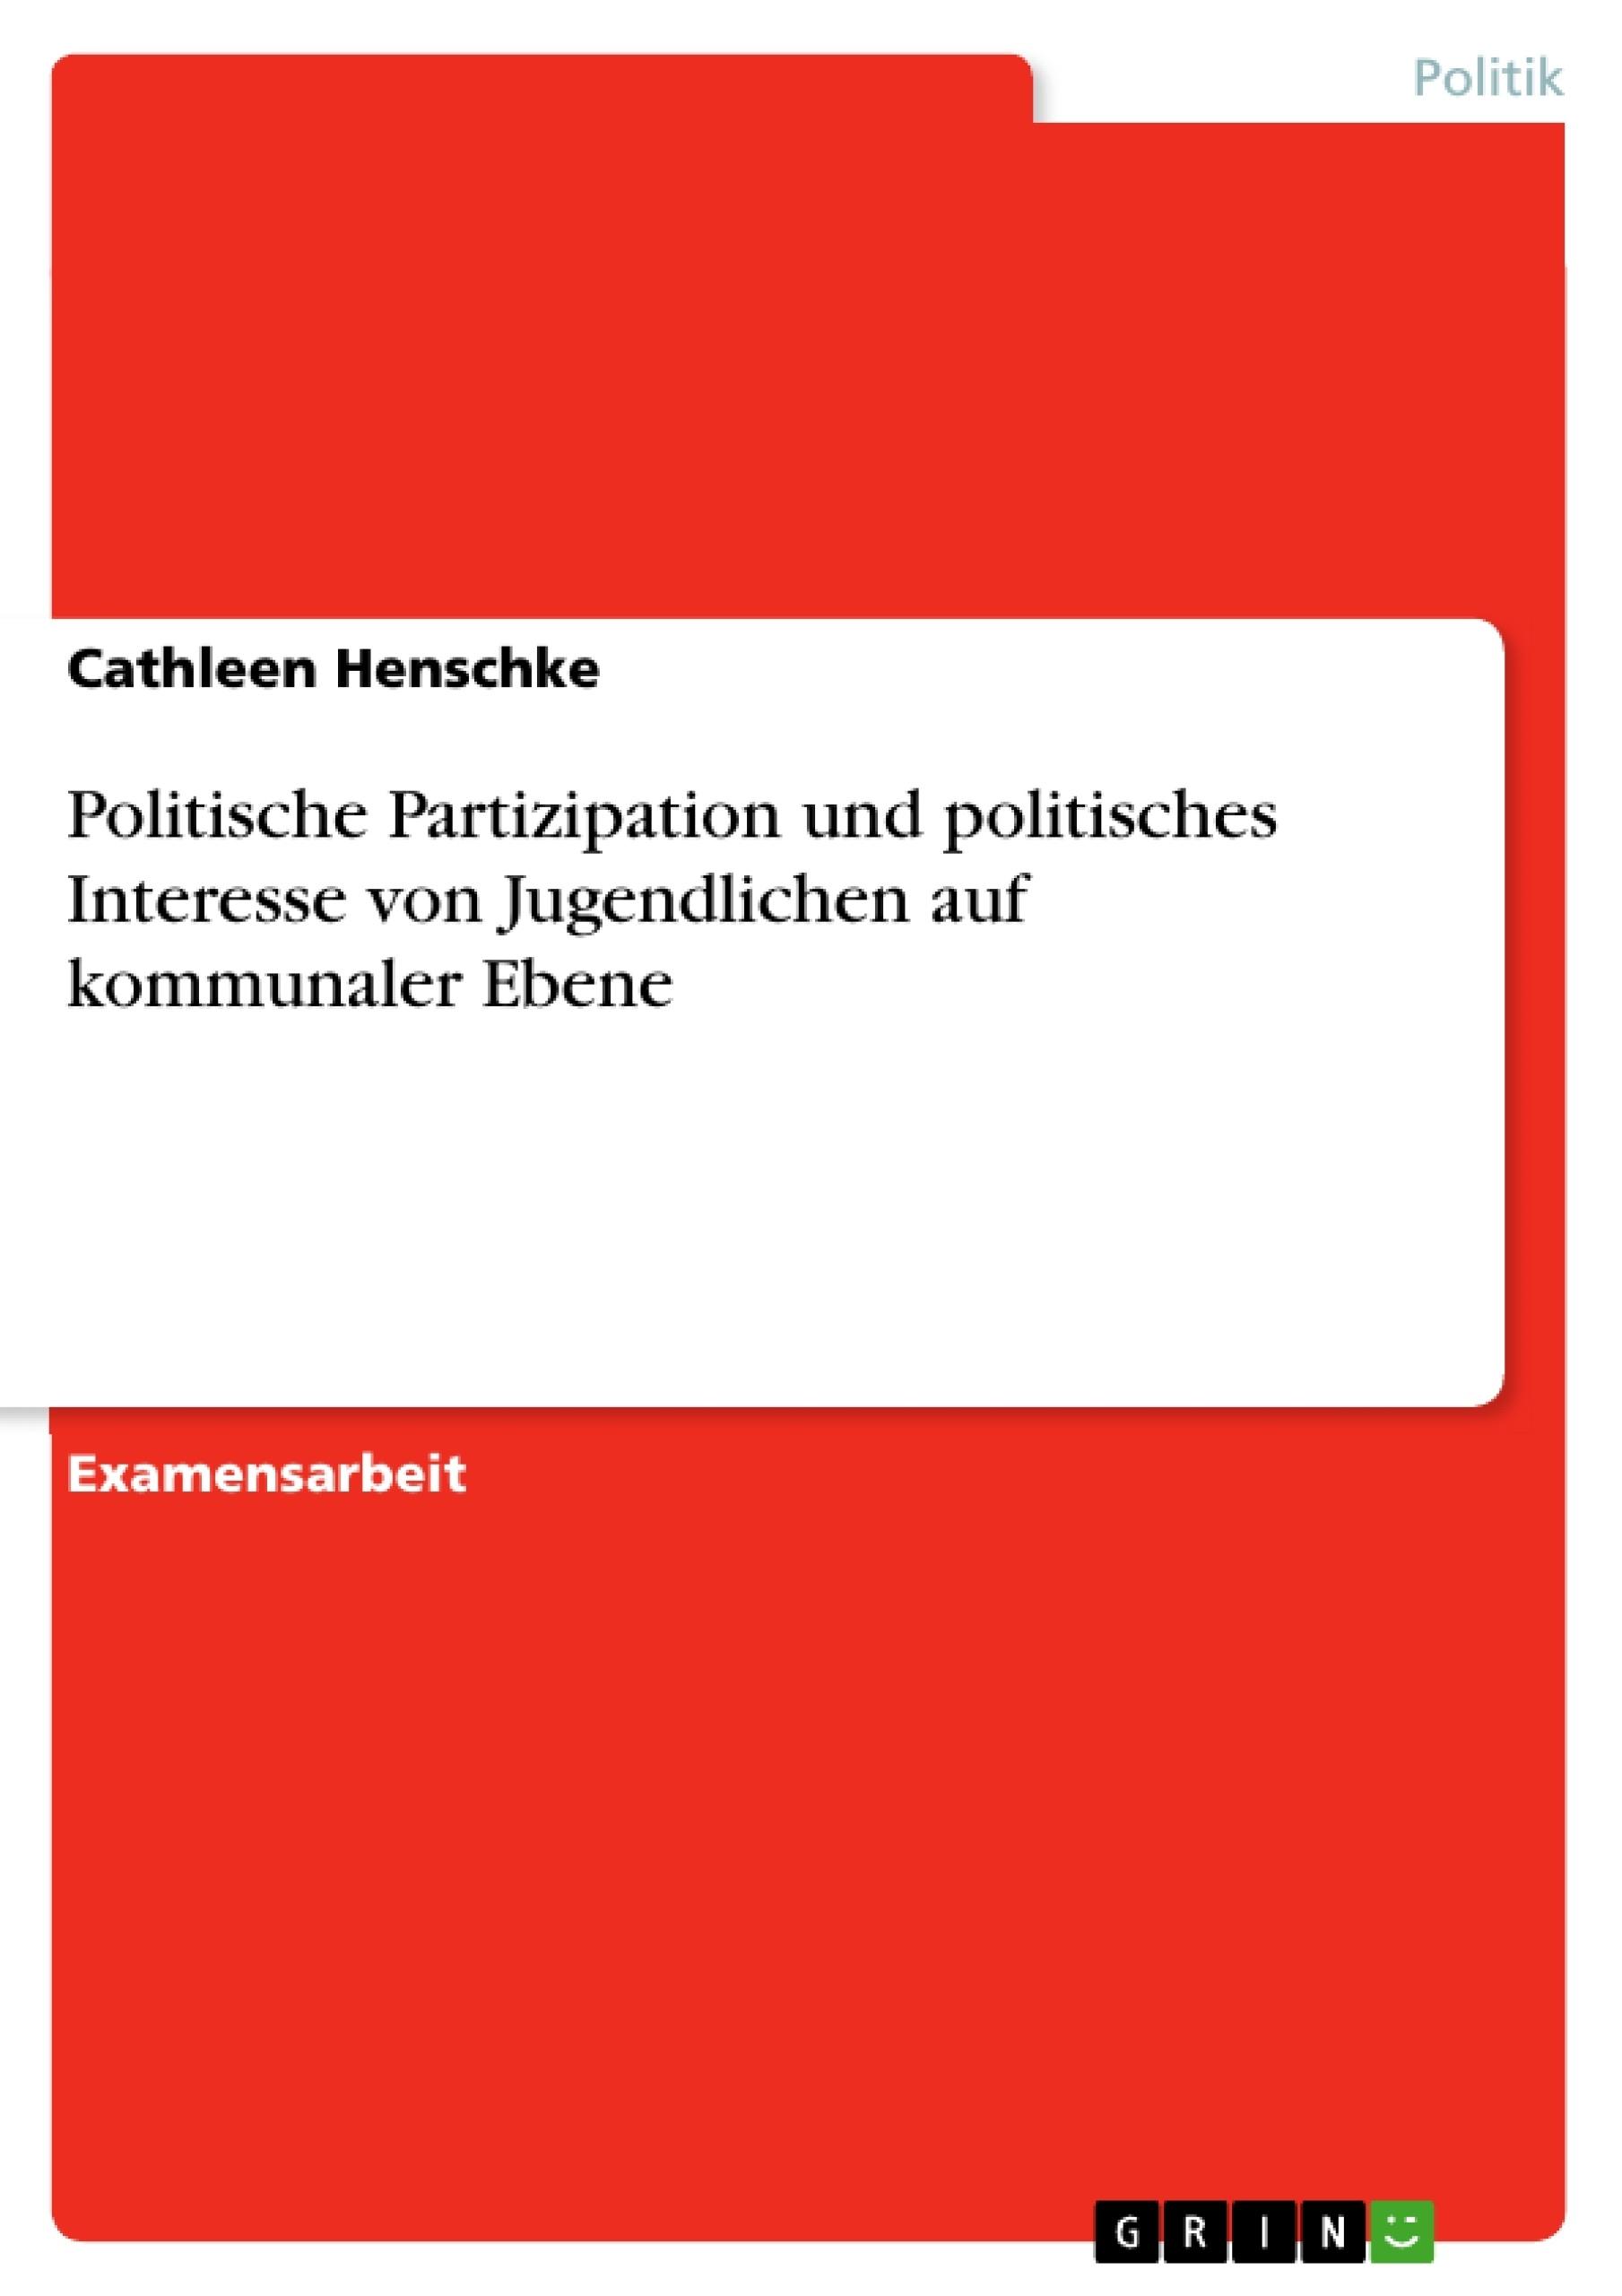 Titel: Politische Partizipation und politisches Interesse von Jugendlichen auf kommunaler Ebene